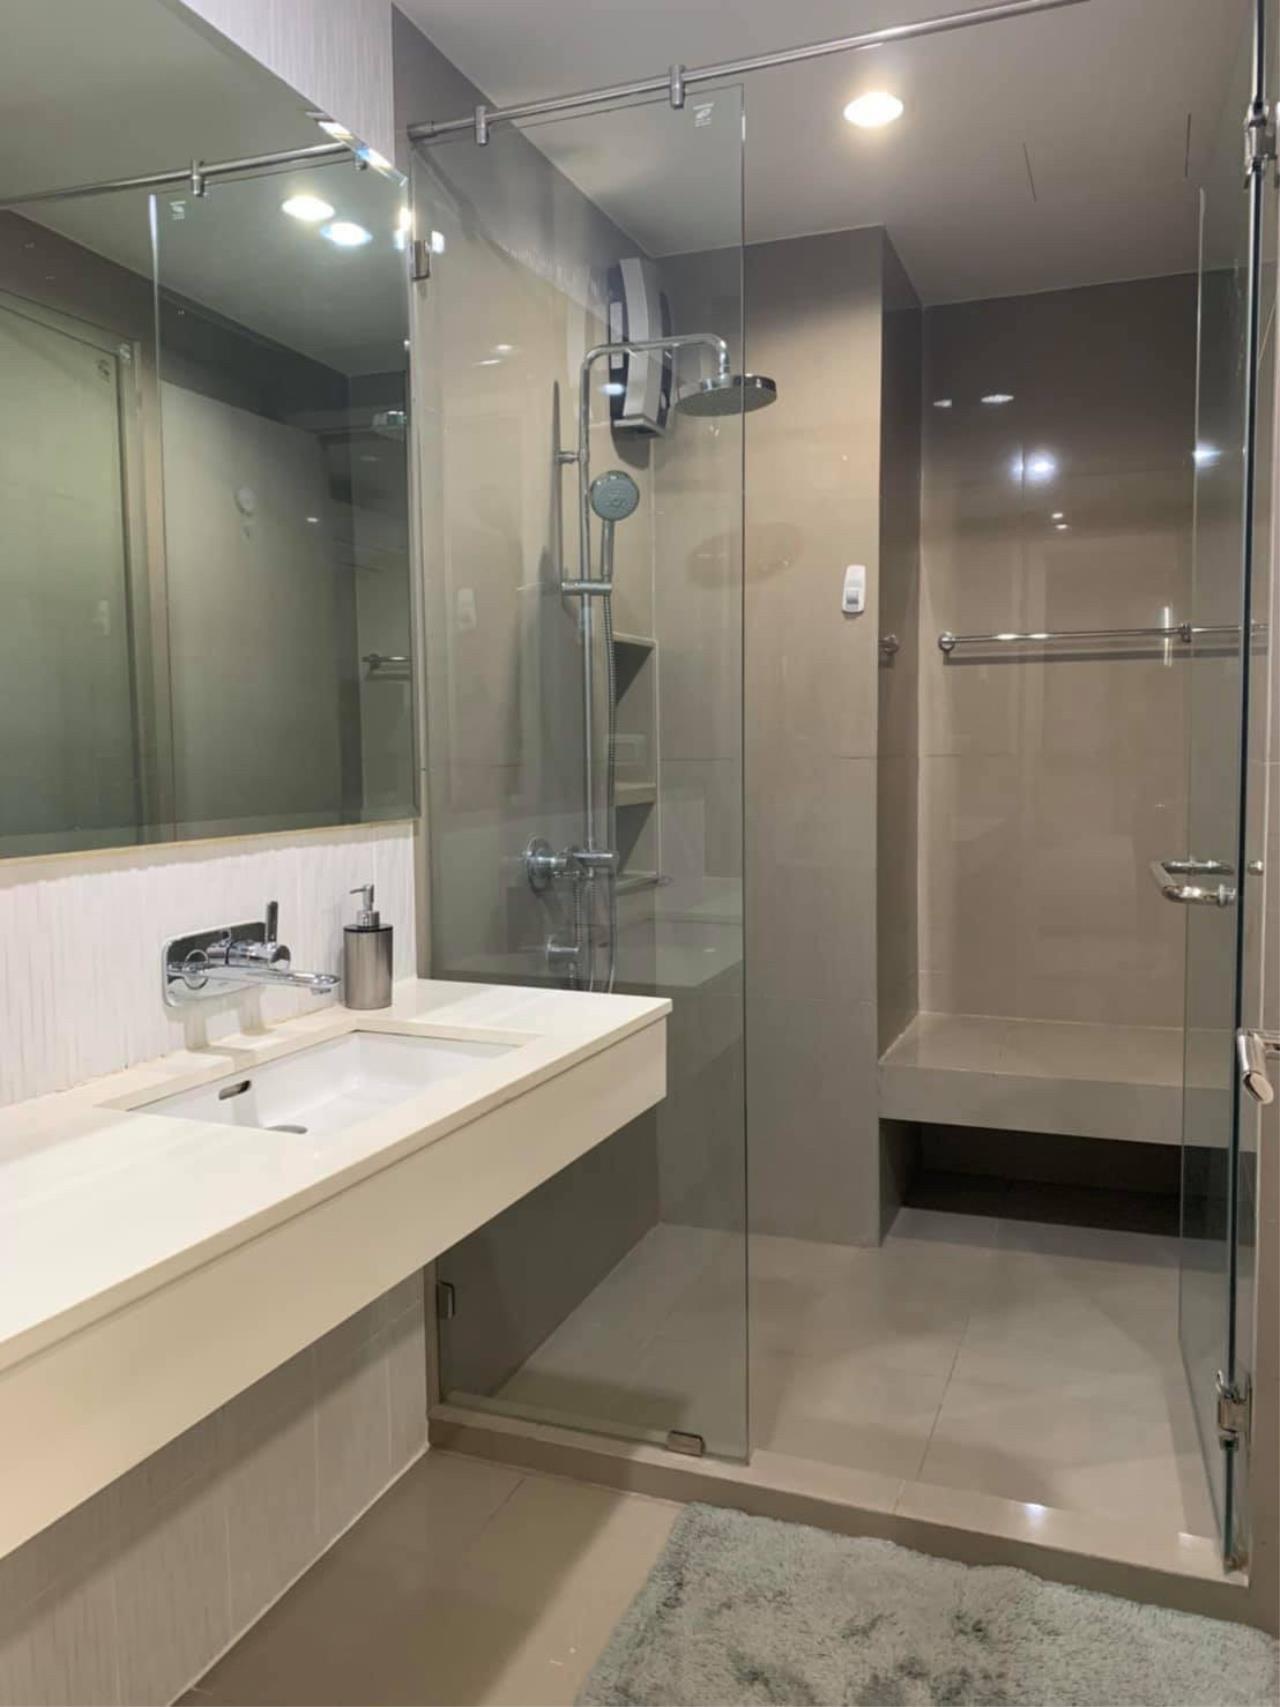 Agent - Phapayawarin Agency's For Rent***Rhythm Sukhumvit 42, 48 sq.m,1 bedroom 1 bathroom, BTS Ekamai 8